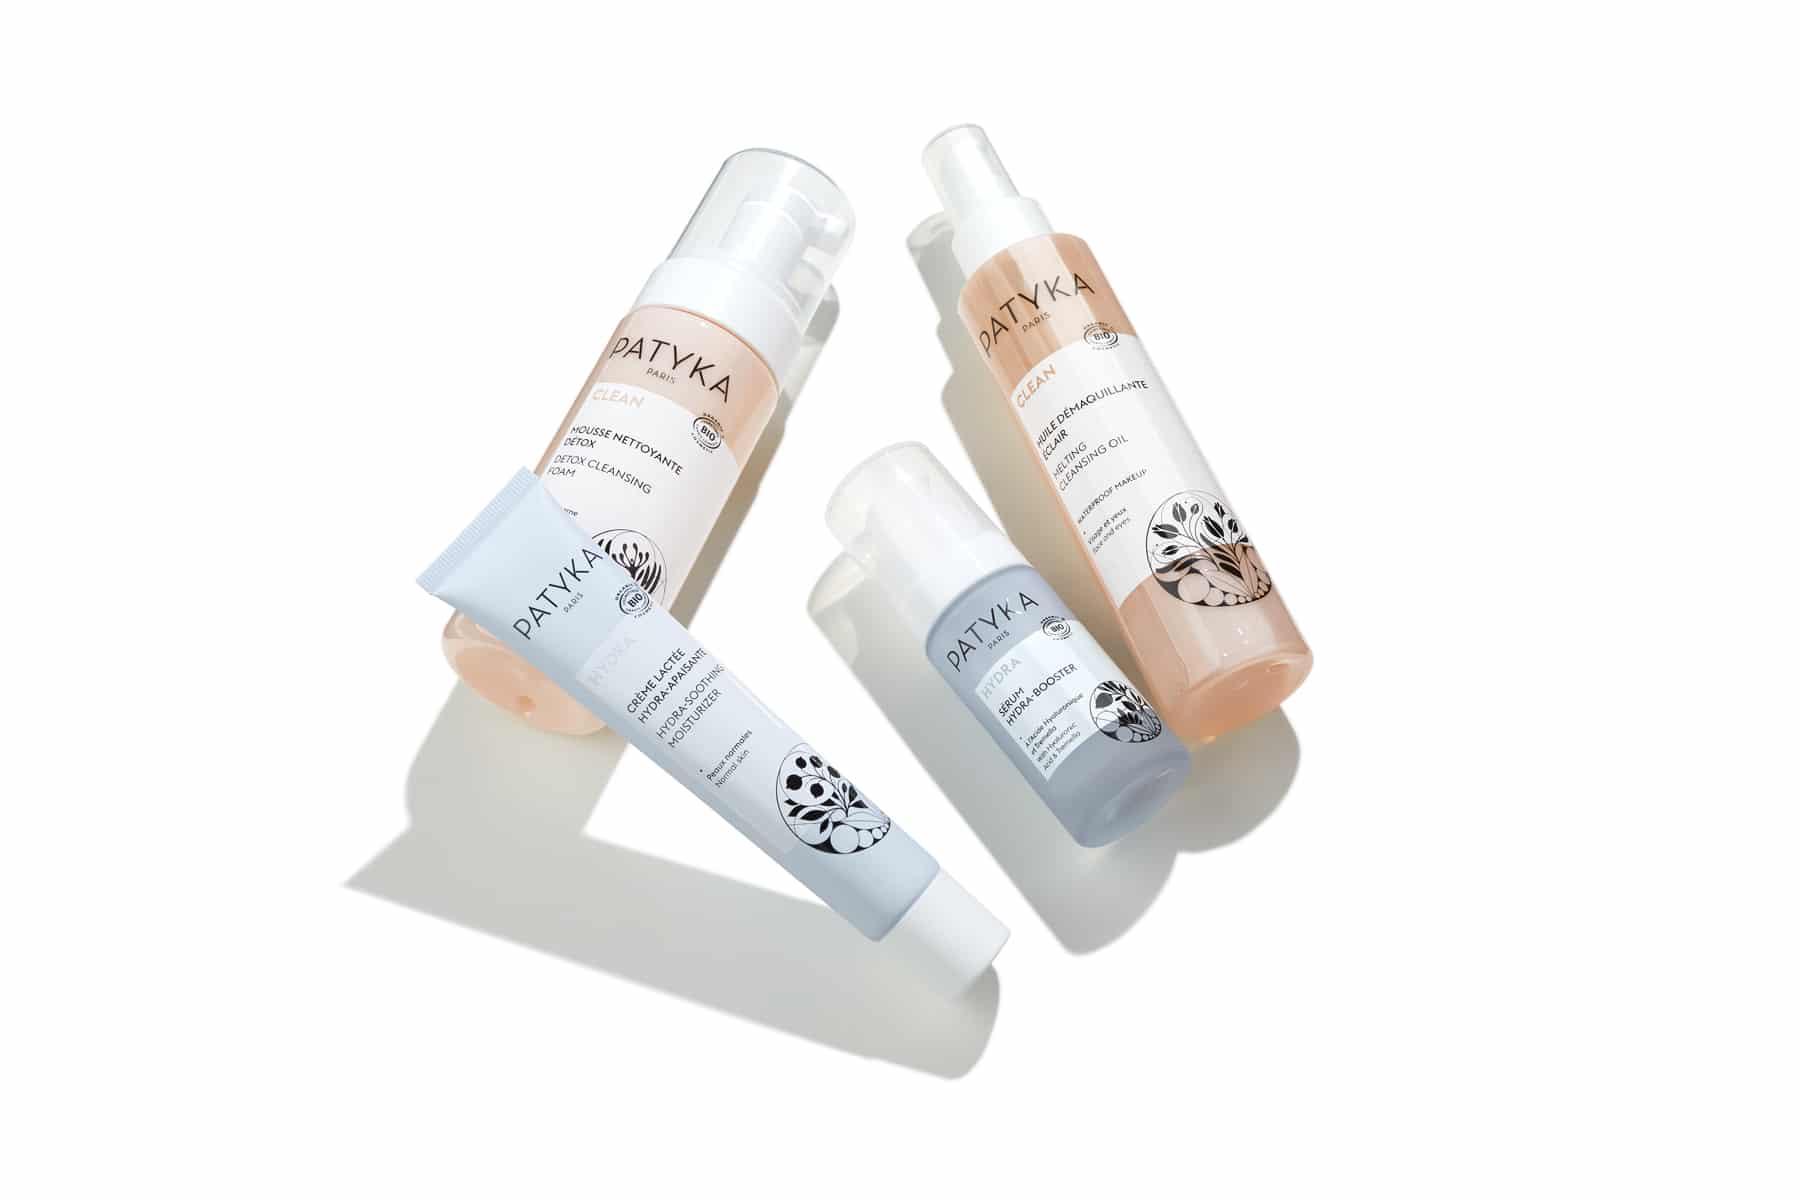 Packshot cosmétiques - Sérum, mousse, crème et huile Patyka